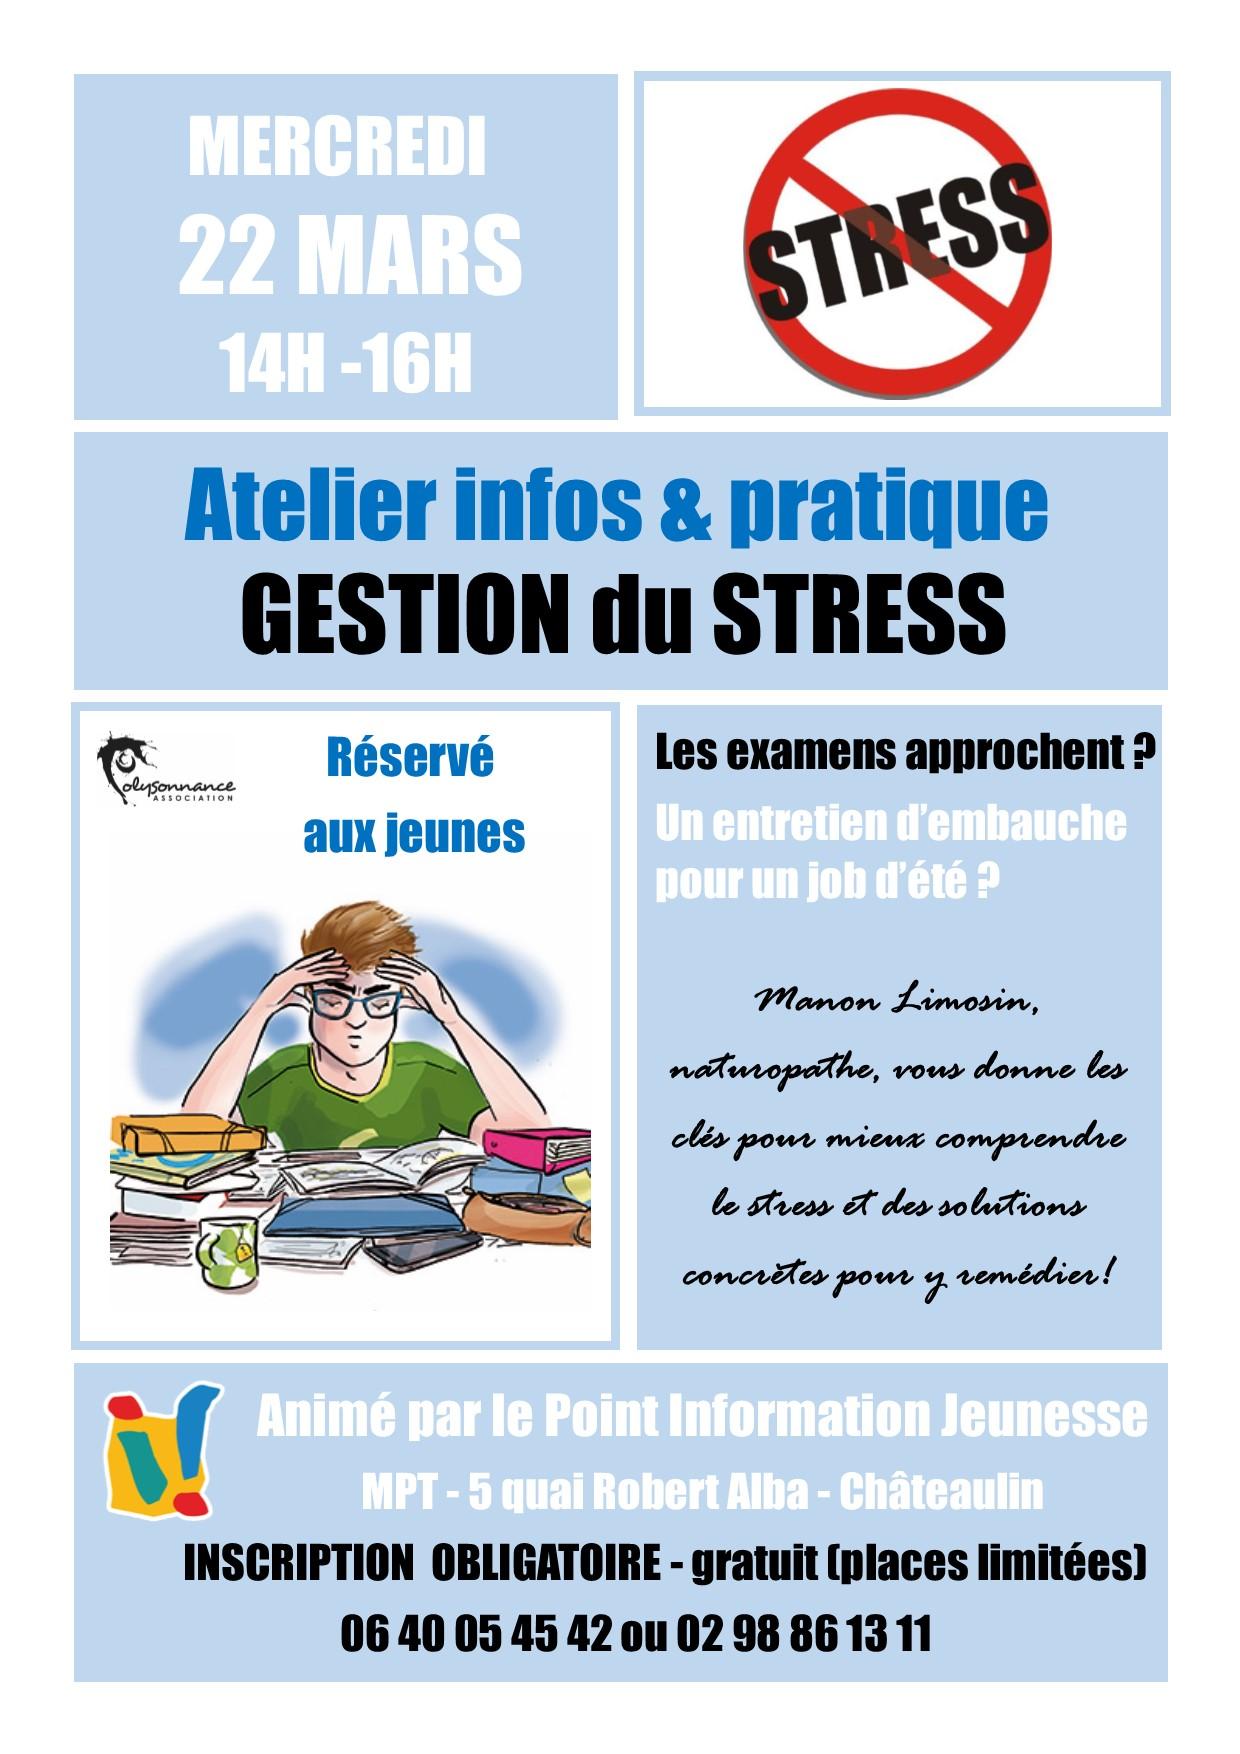 POINT INFORMATION JEUNESSE : ATELIER GESTION DU STRESS  MERCREDI 22 MARS DE 14H à 16 H